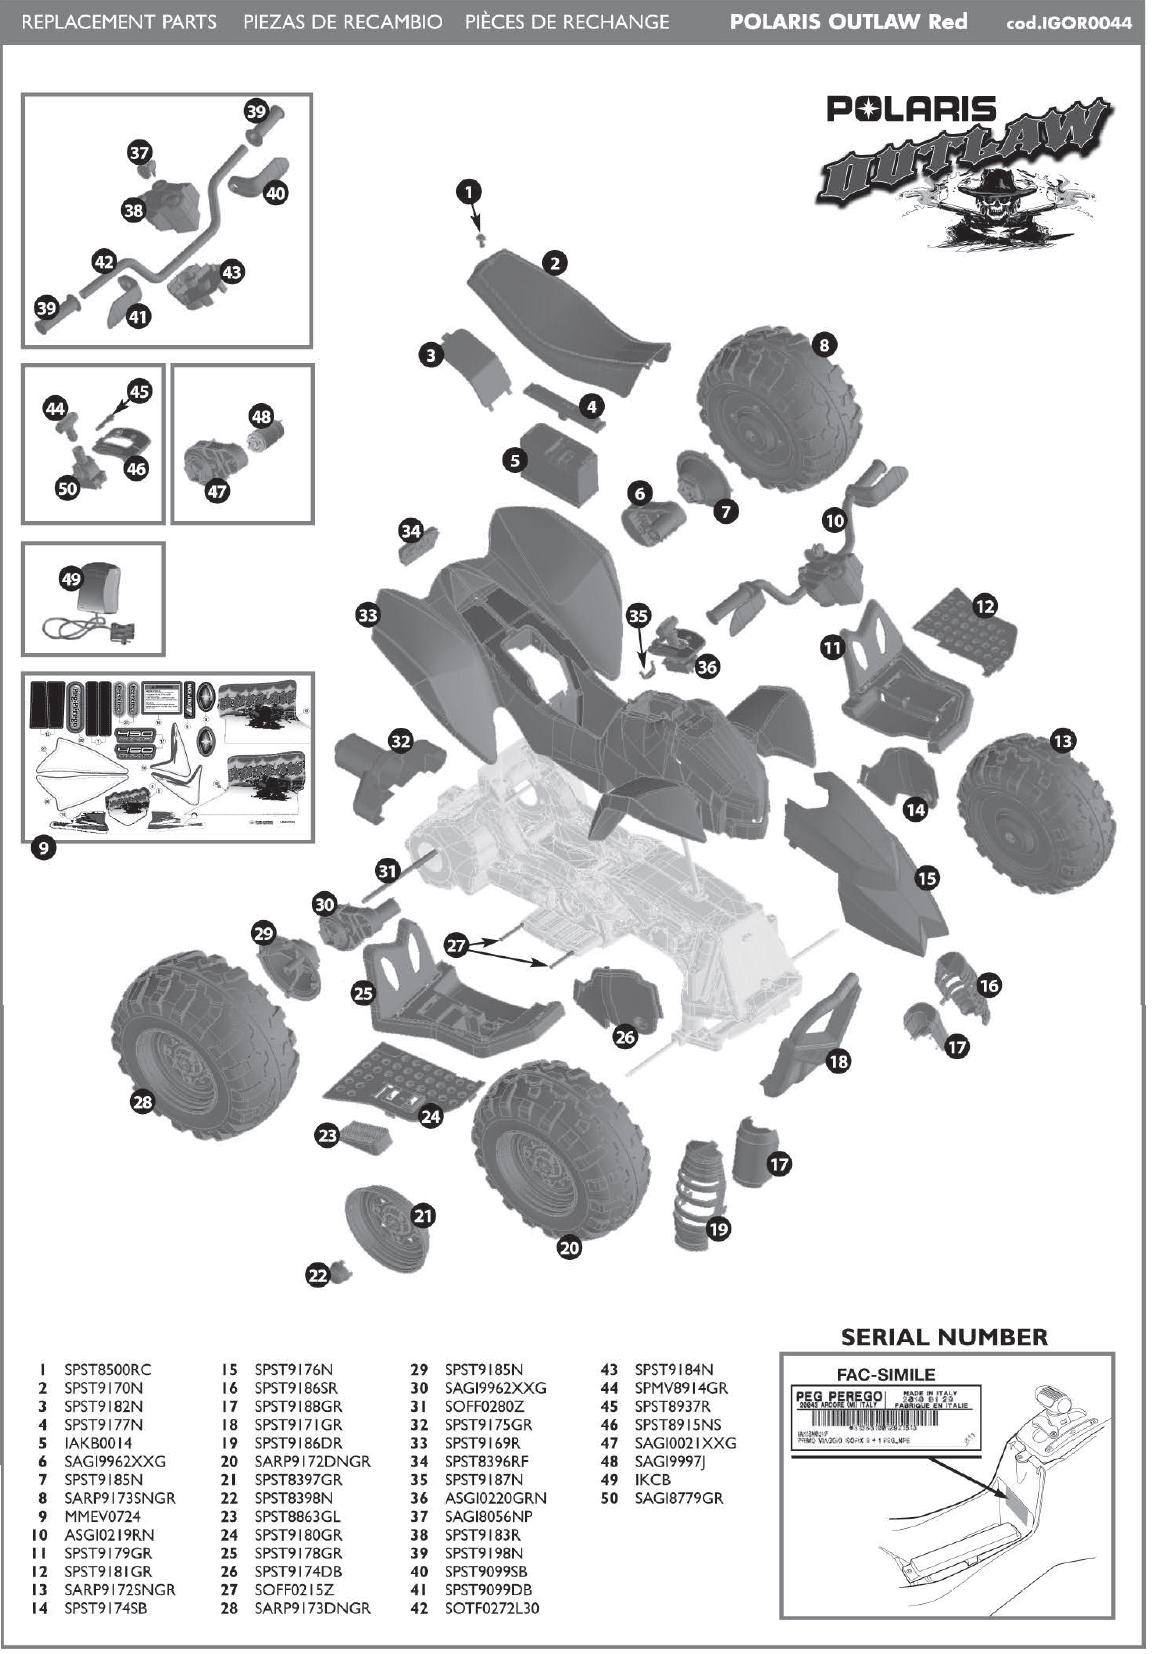 IGOR0044 parts diagram